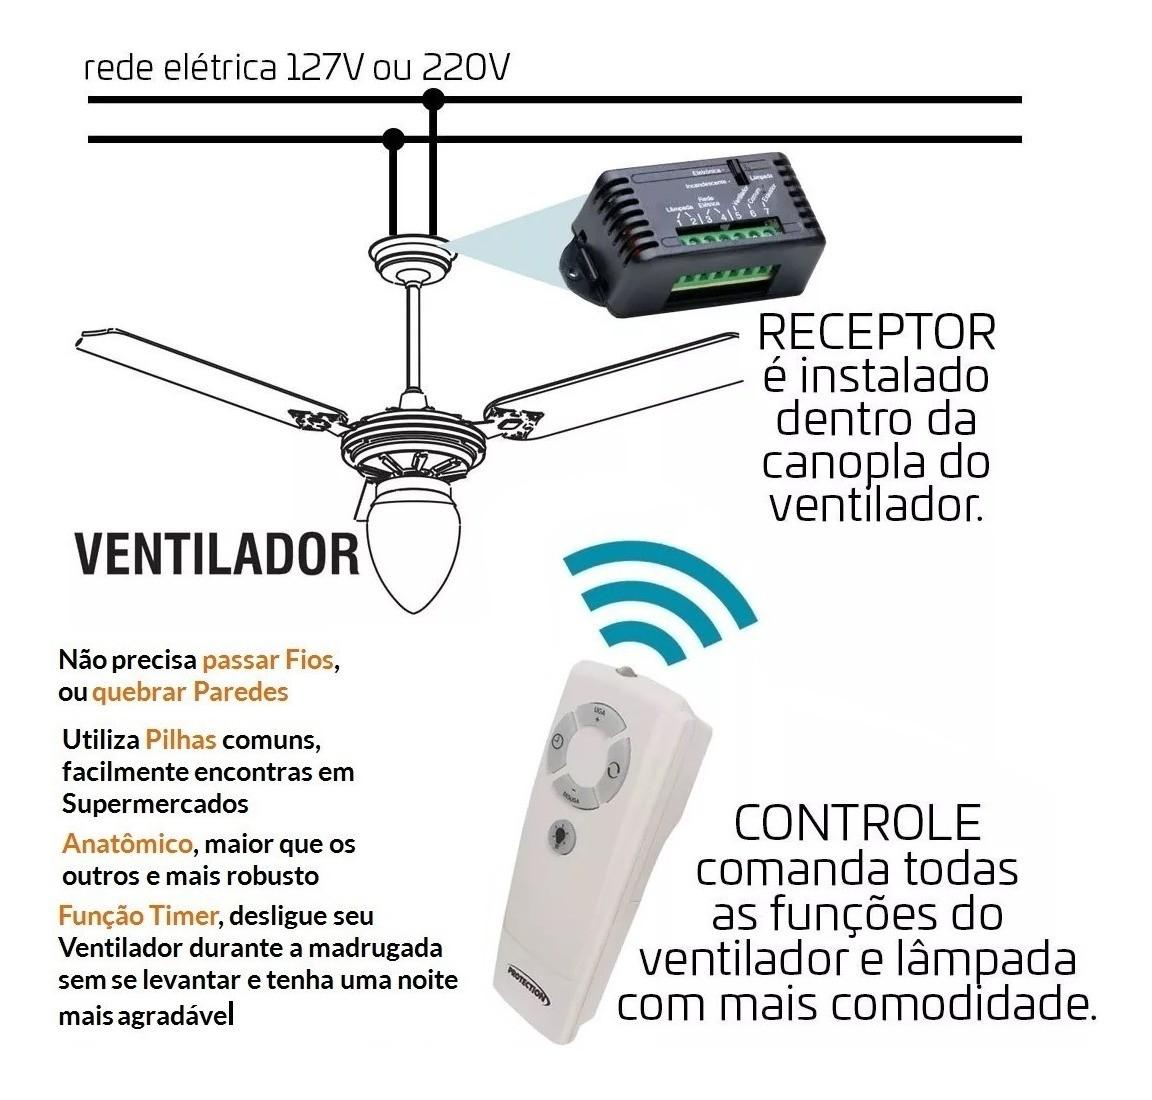 CONTROLE REMOTO UNIVERSAL INFRAVERMELHO P/ VENTILADOR PRETO